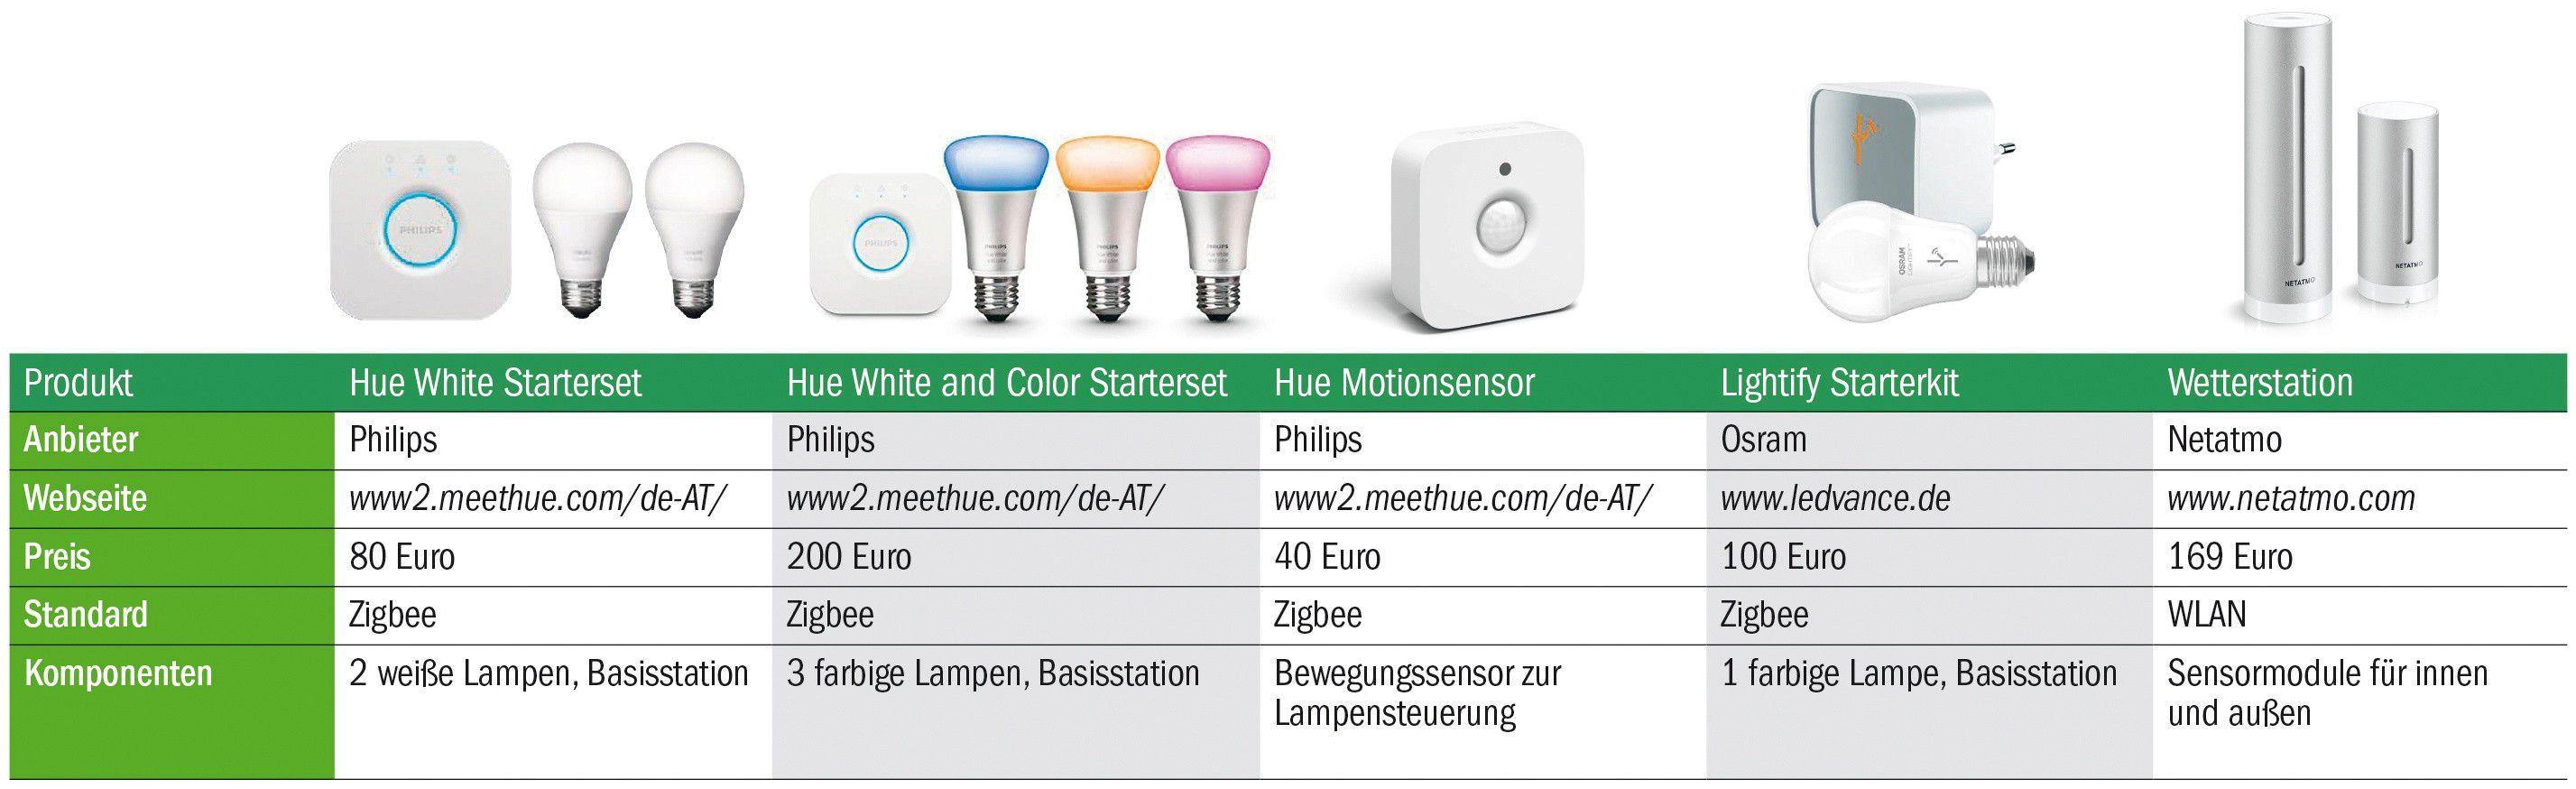 Smart Home zum Nachrüsten: Geräte, Funktionen, Einbau - PC-WELT